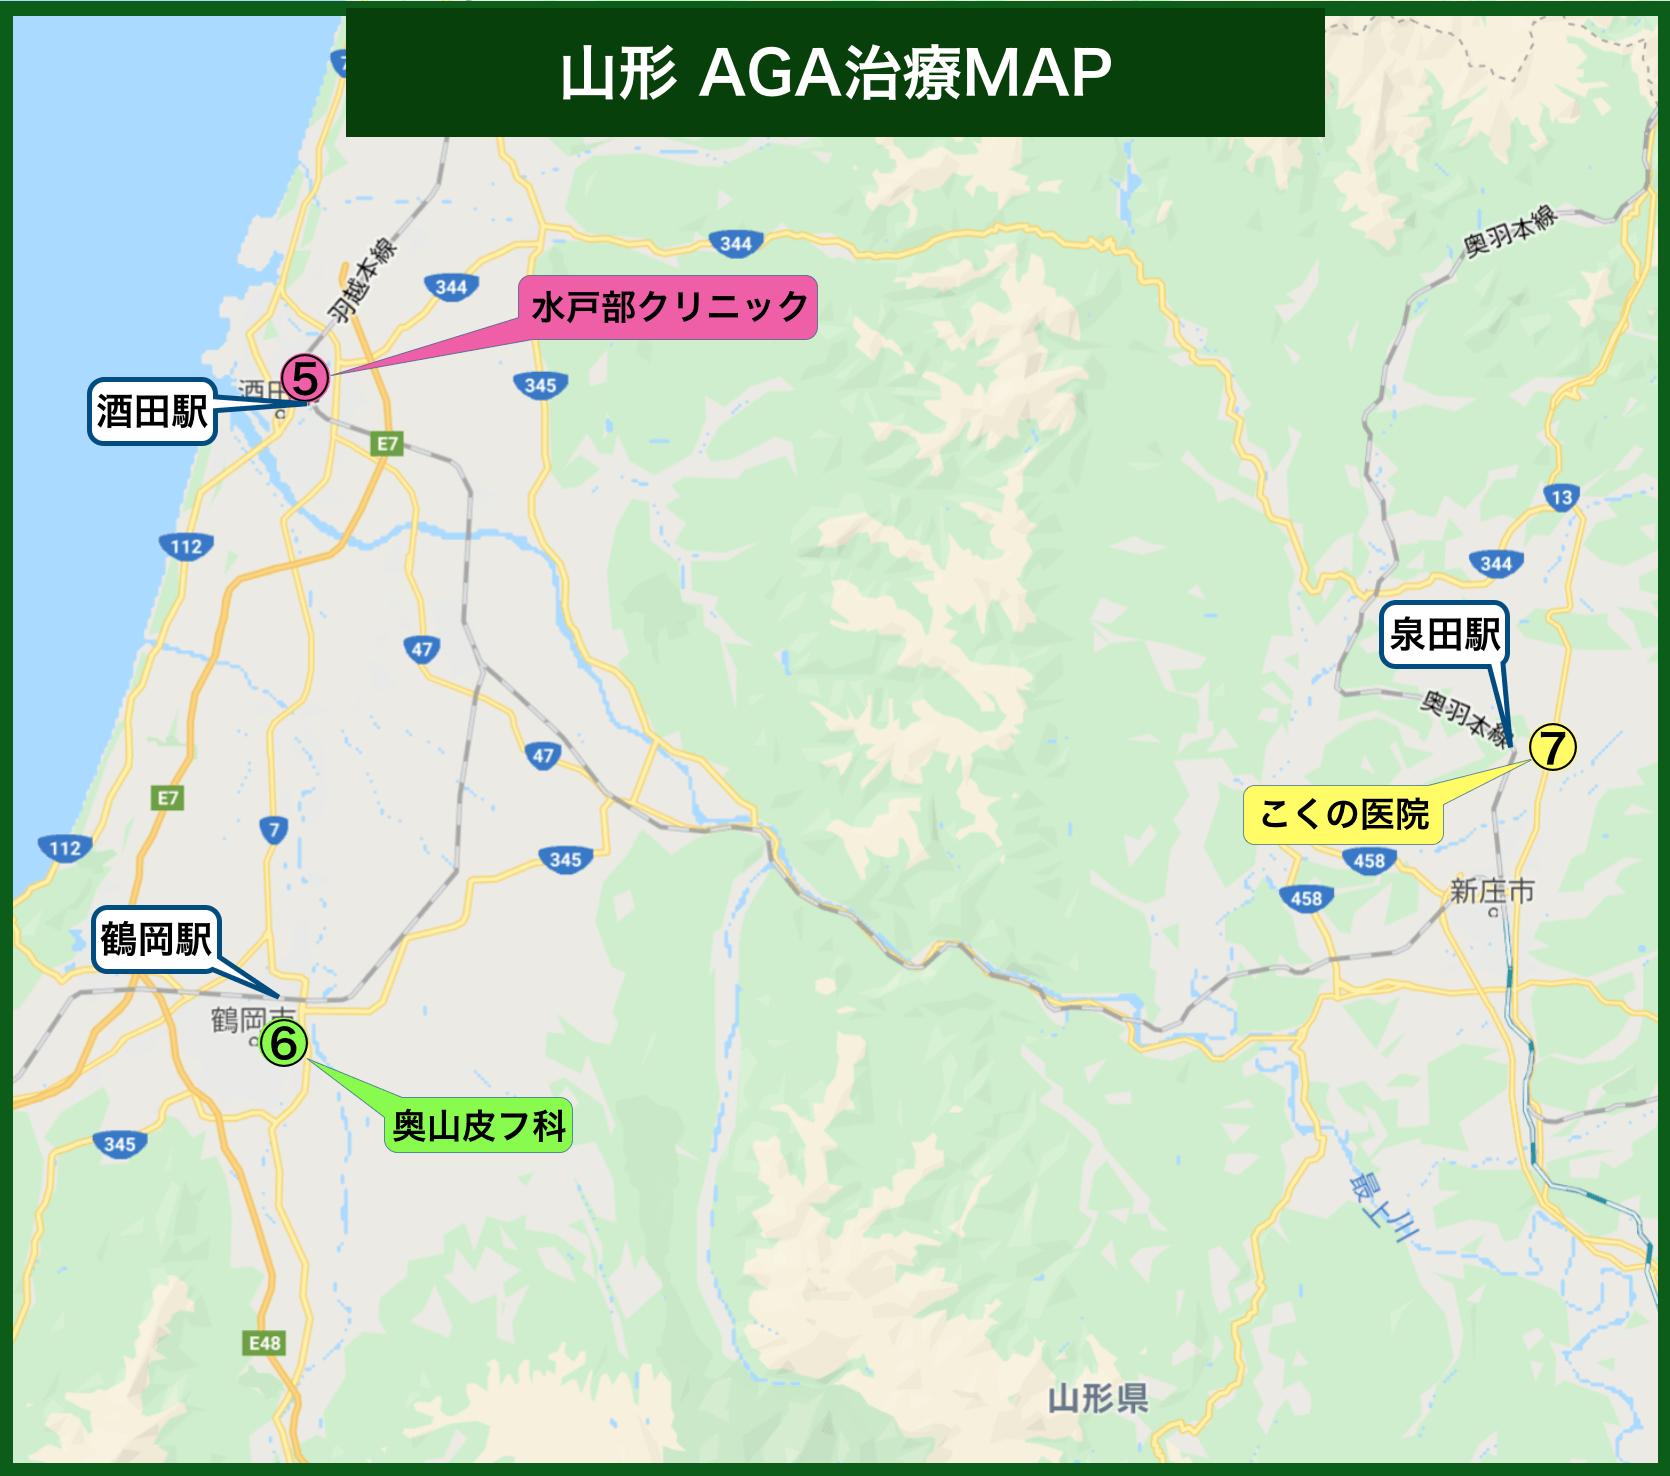 山形AGA治療MAP その他の地域(2020年版)